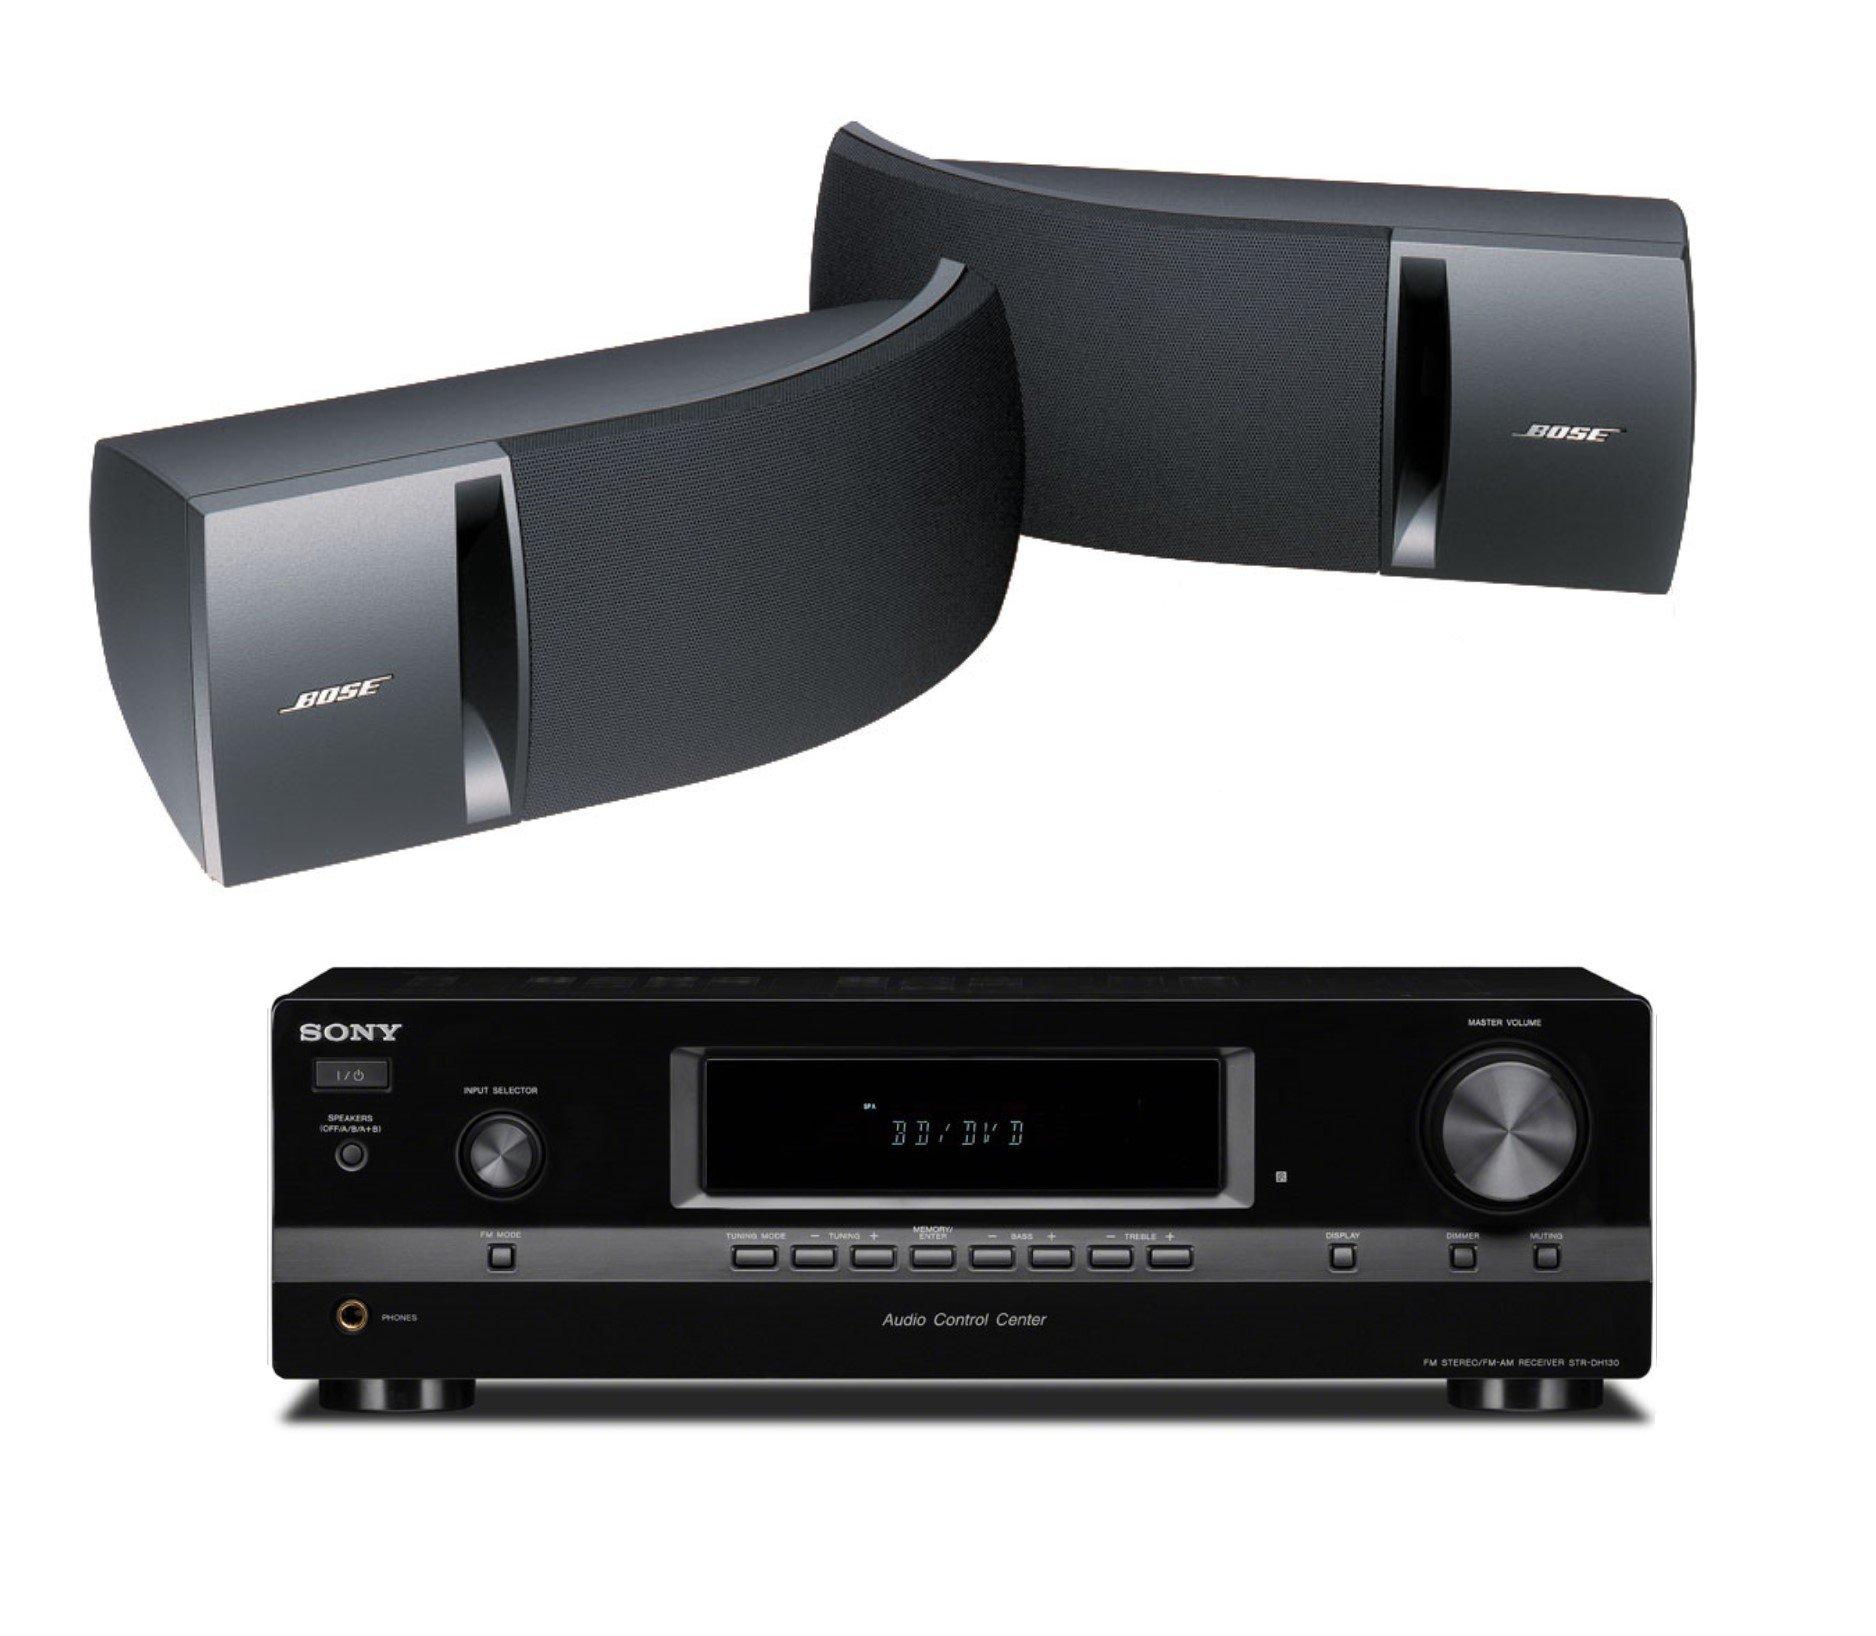 Bose 161 Full Range Bookshelf Speaker Duo (Black) with Sony STRDH130 2 Channel Stereo Receiver